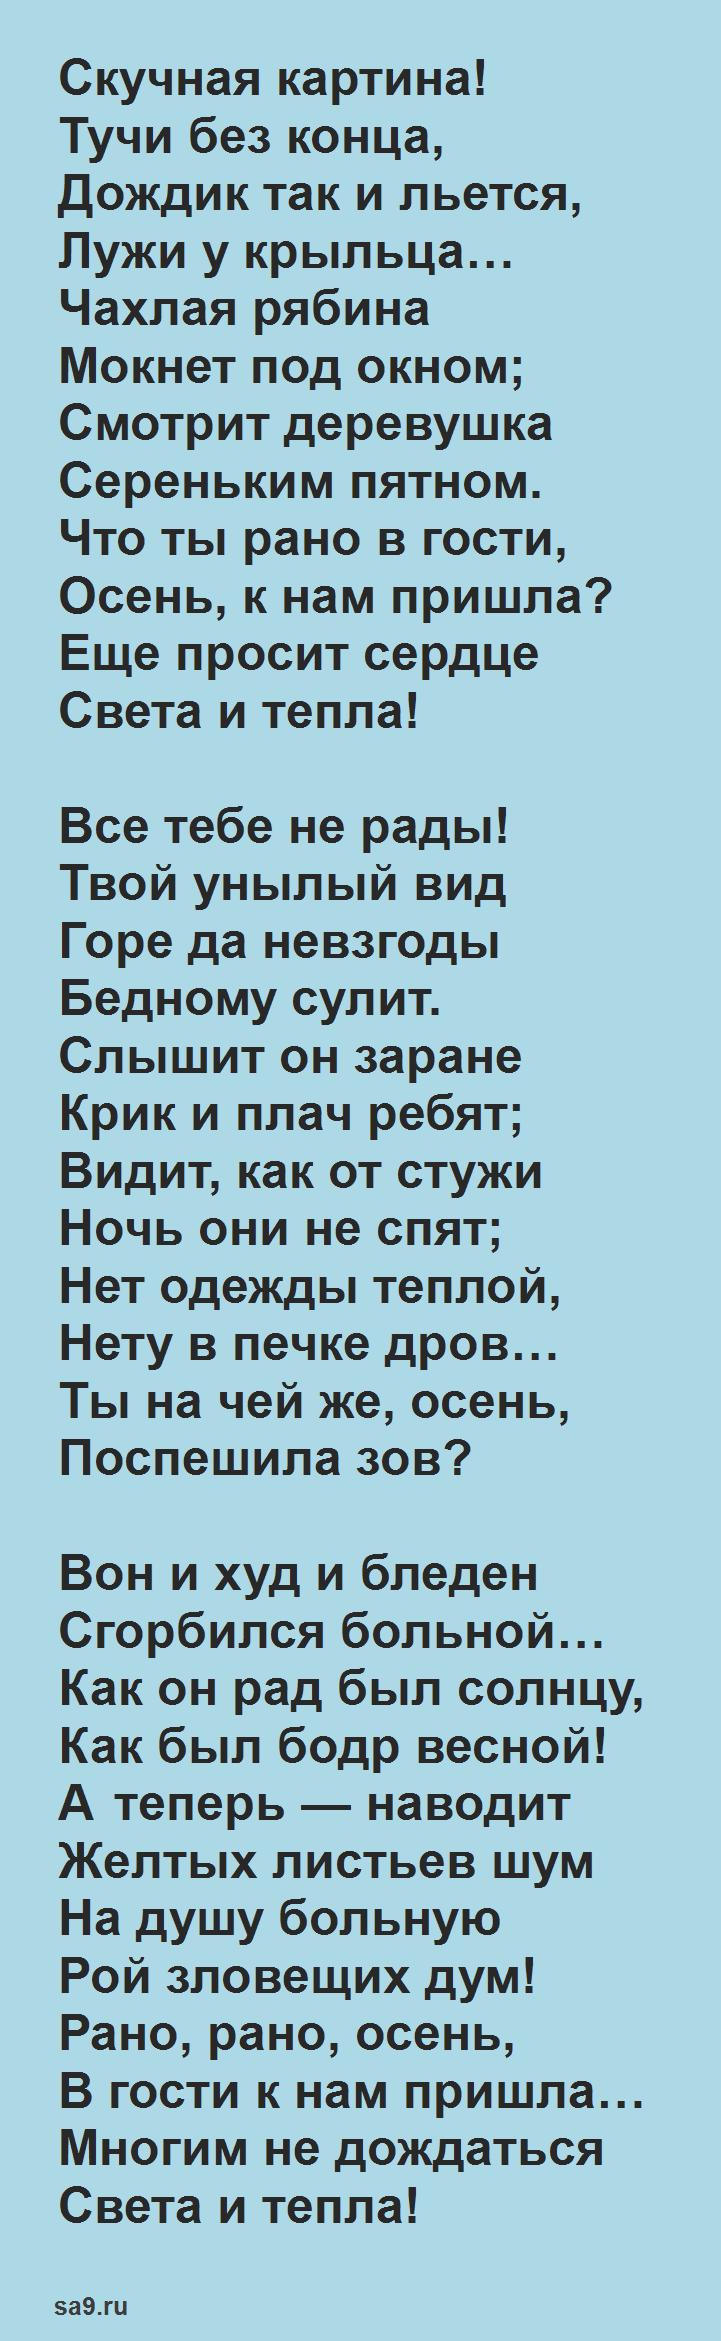 Алексей Плещеев стихи - Скучная картина